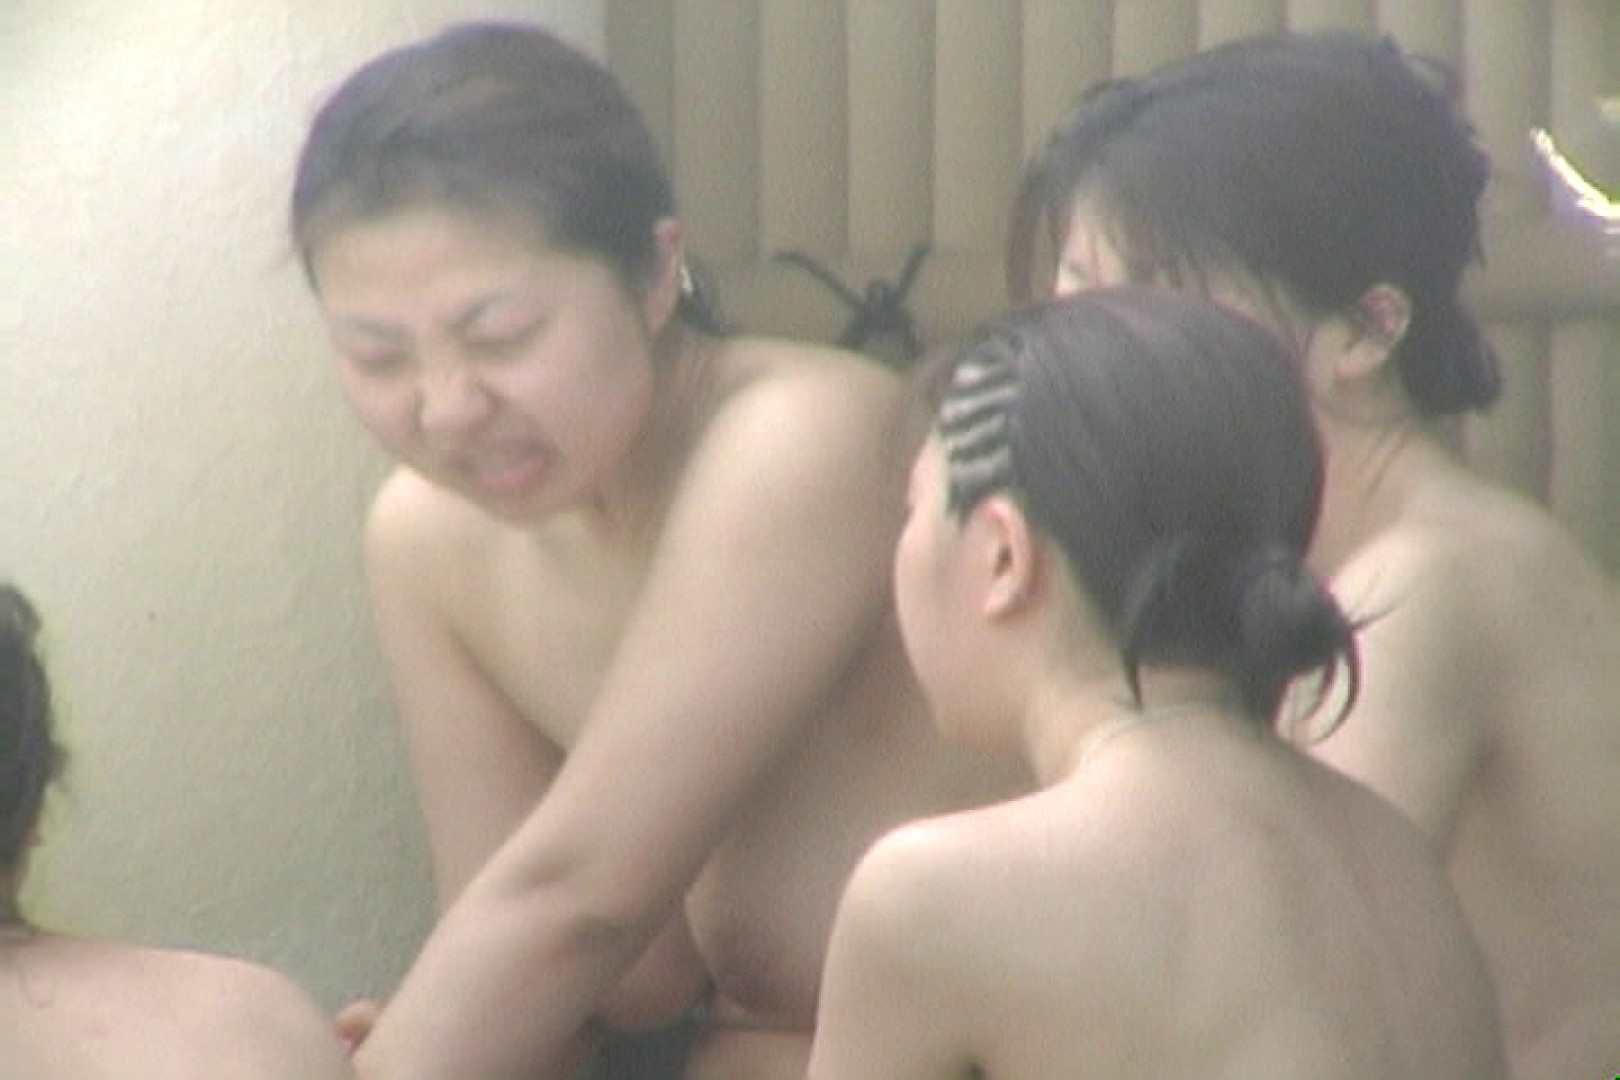 Aquaな露天風呂Vol.31【VIP】 盗撮シリーズ  112PIX 22